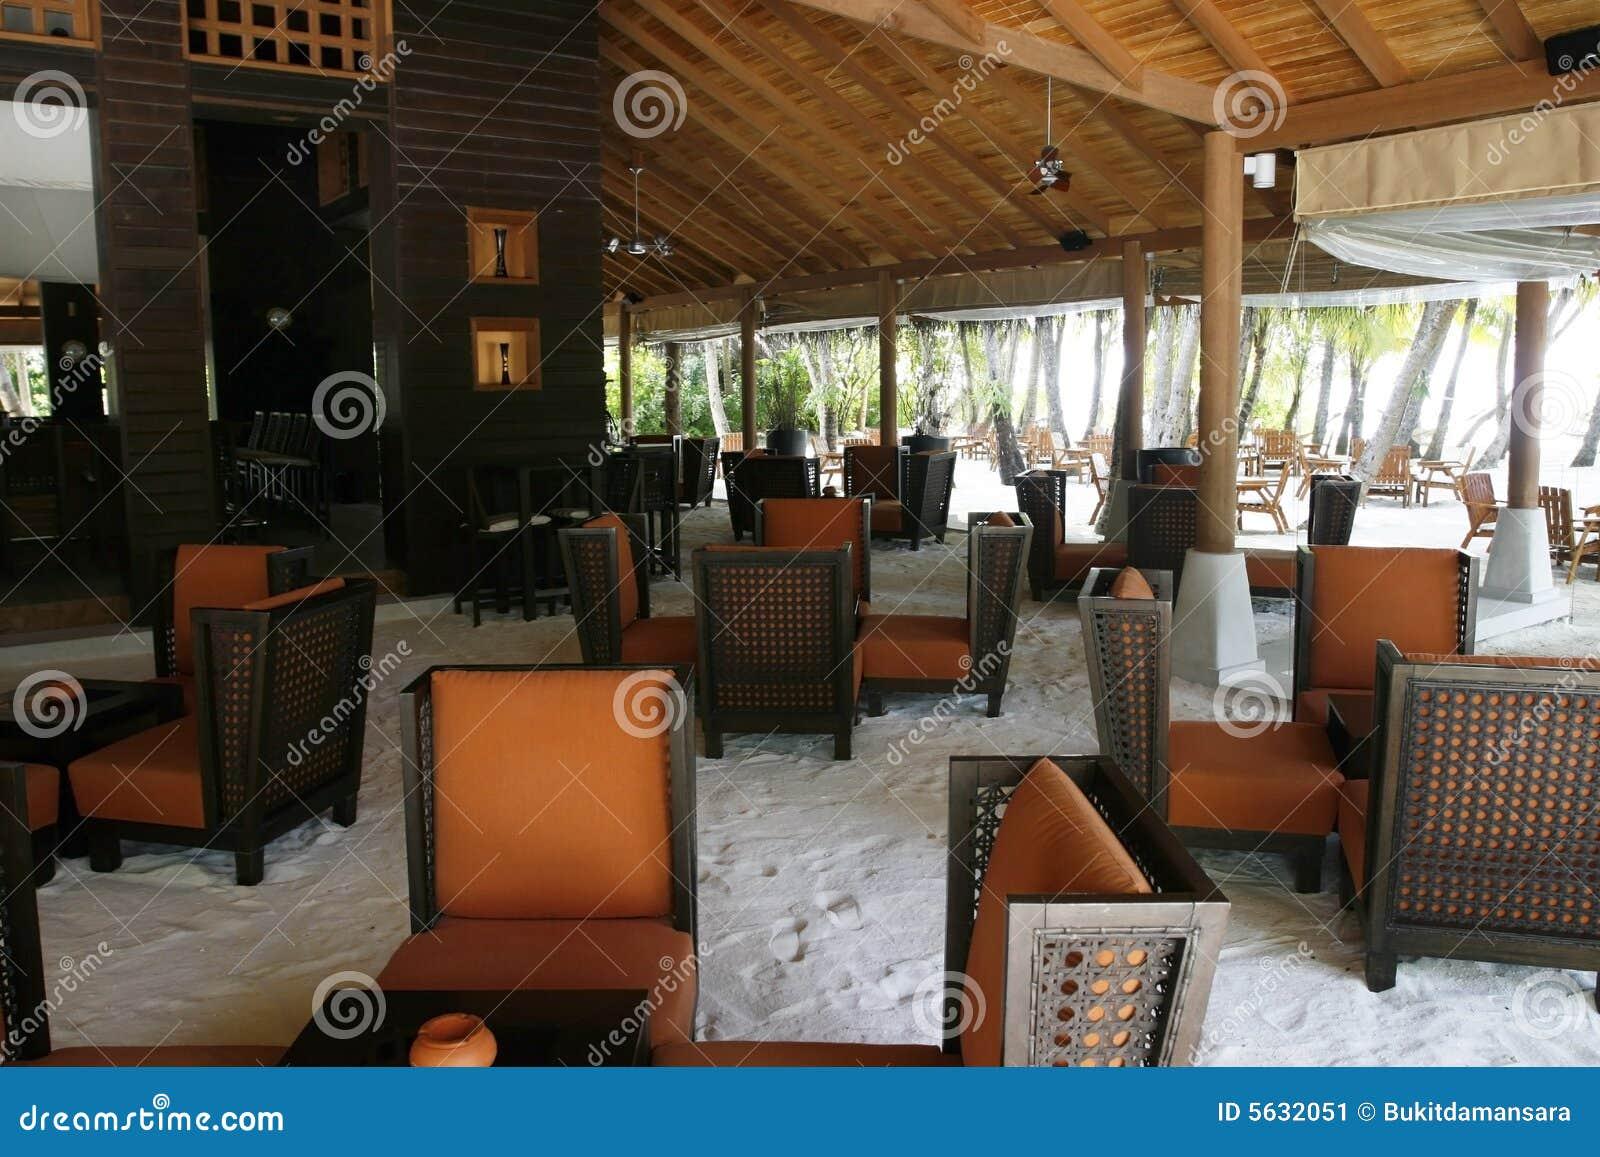 Interieur D Un Bar intérieur d'un bar de plage image stock - image du bois